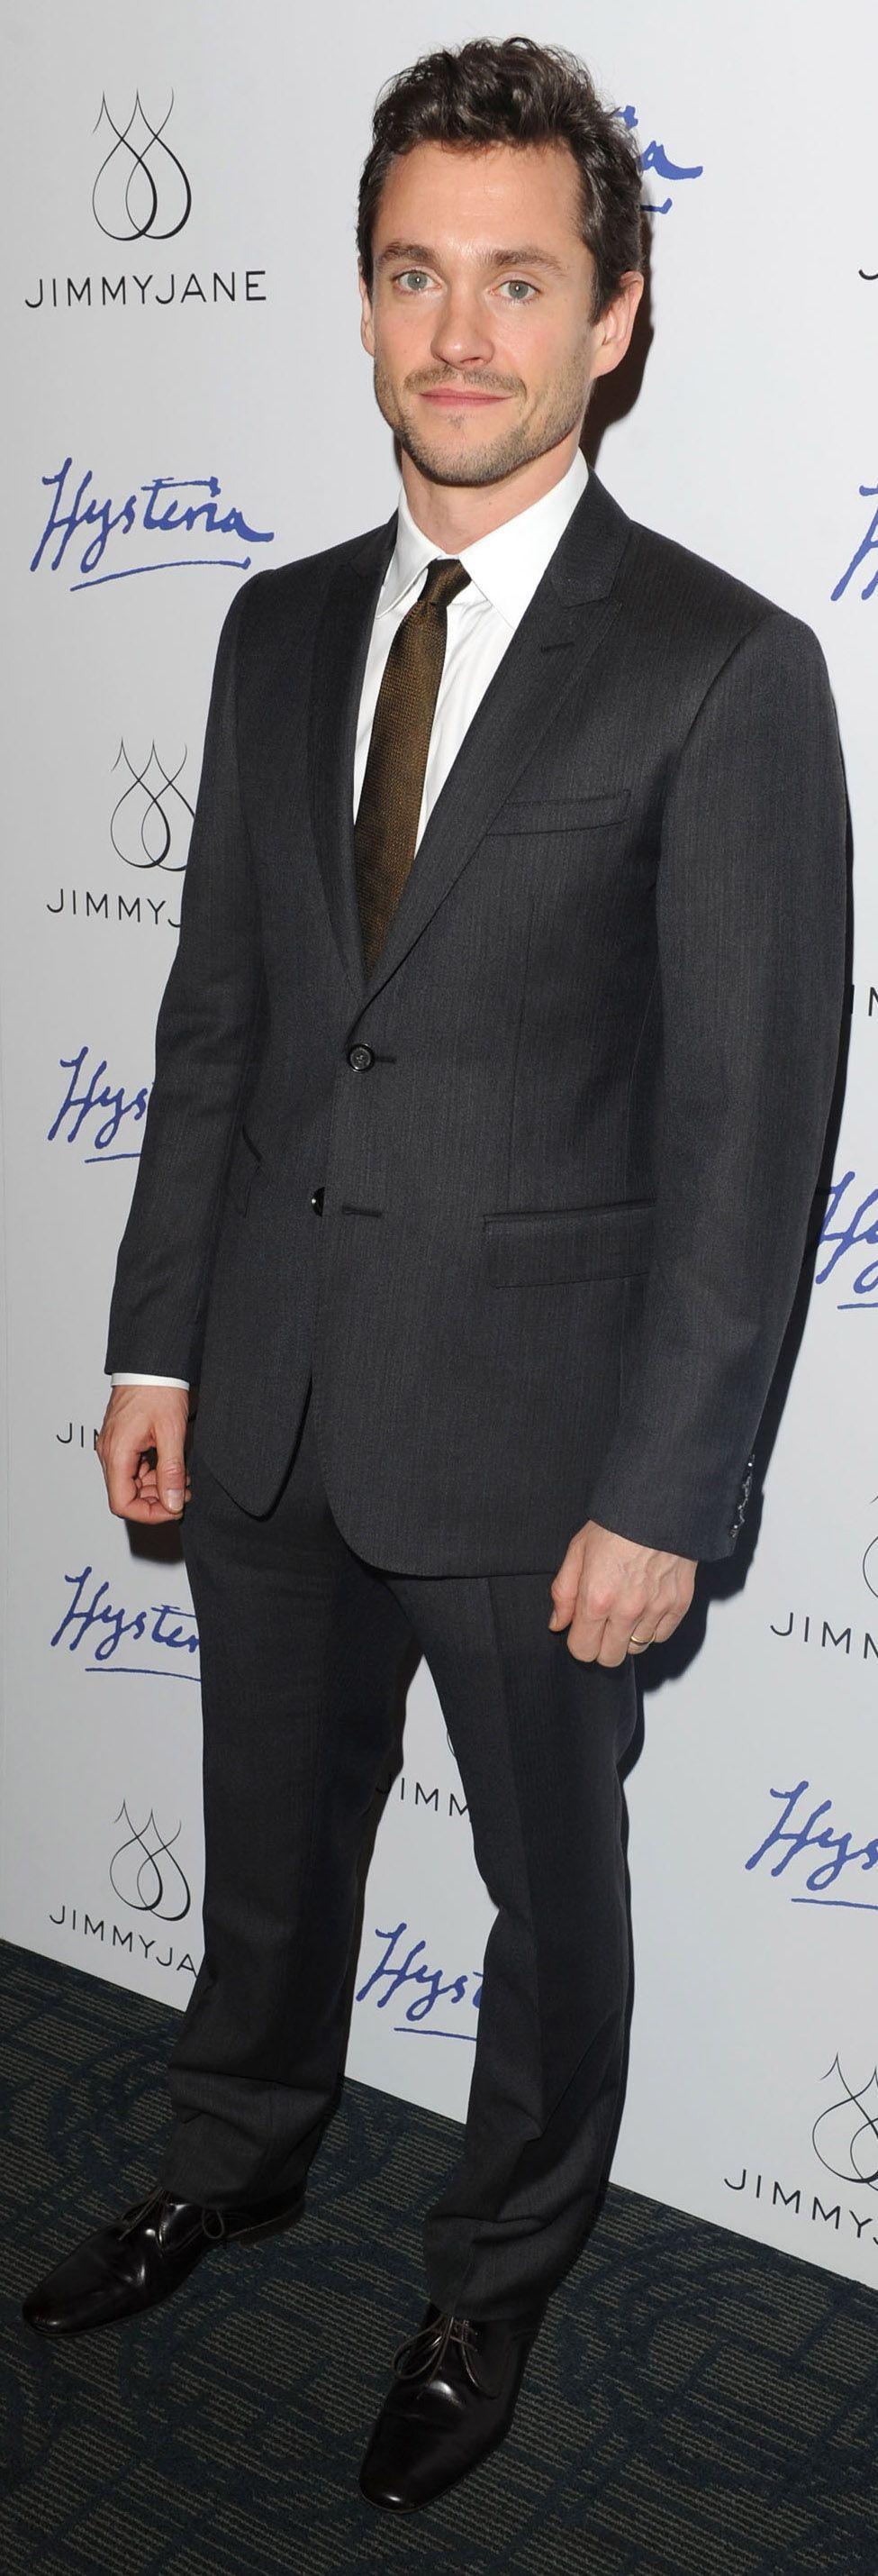 Hugh dancy burberry